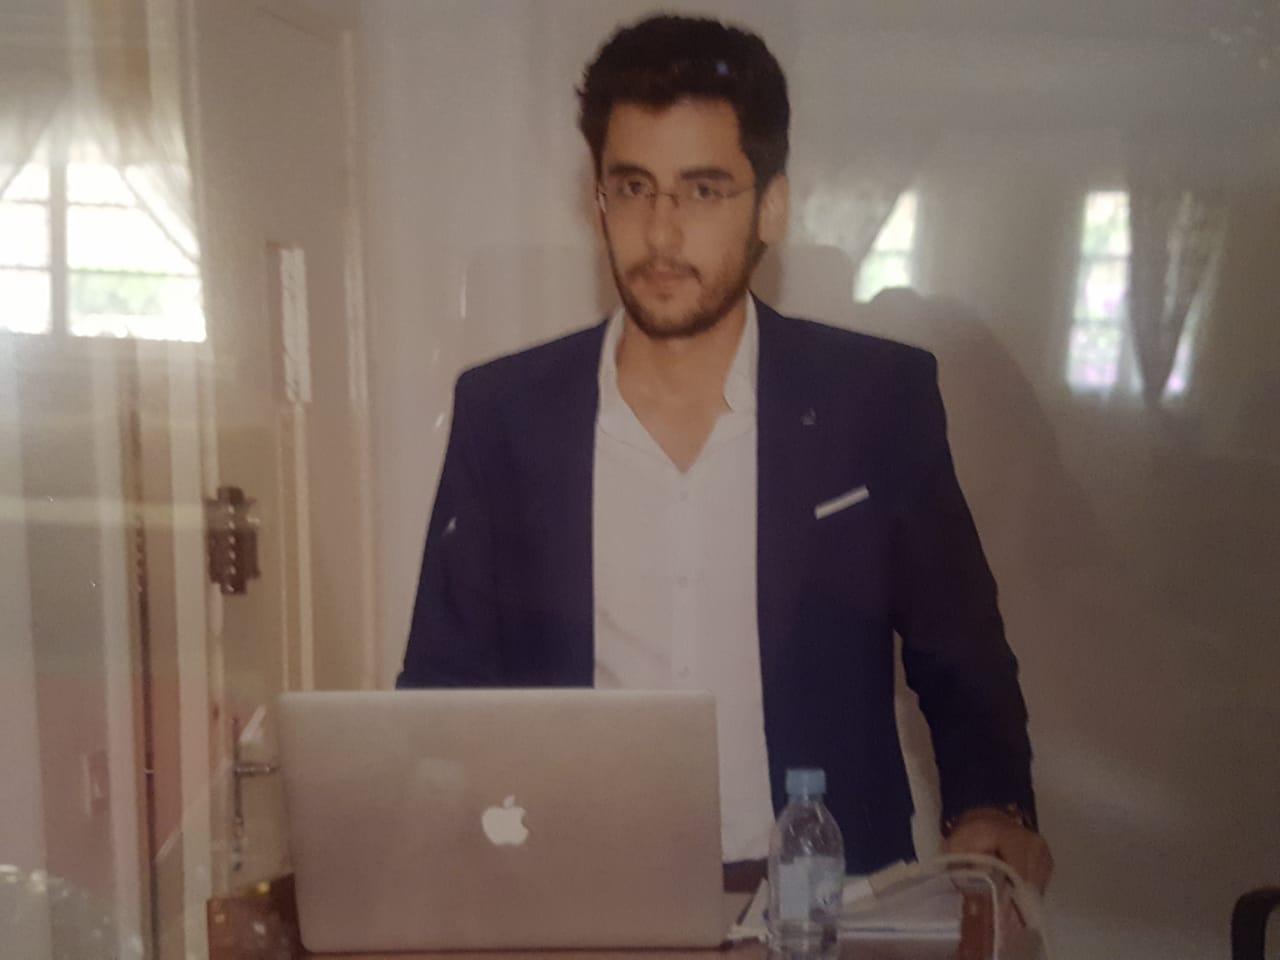 تهنئة للدكتور الخودي عبد اللطيف بنيل نجله أنس الخودي لشهادة مهندس